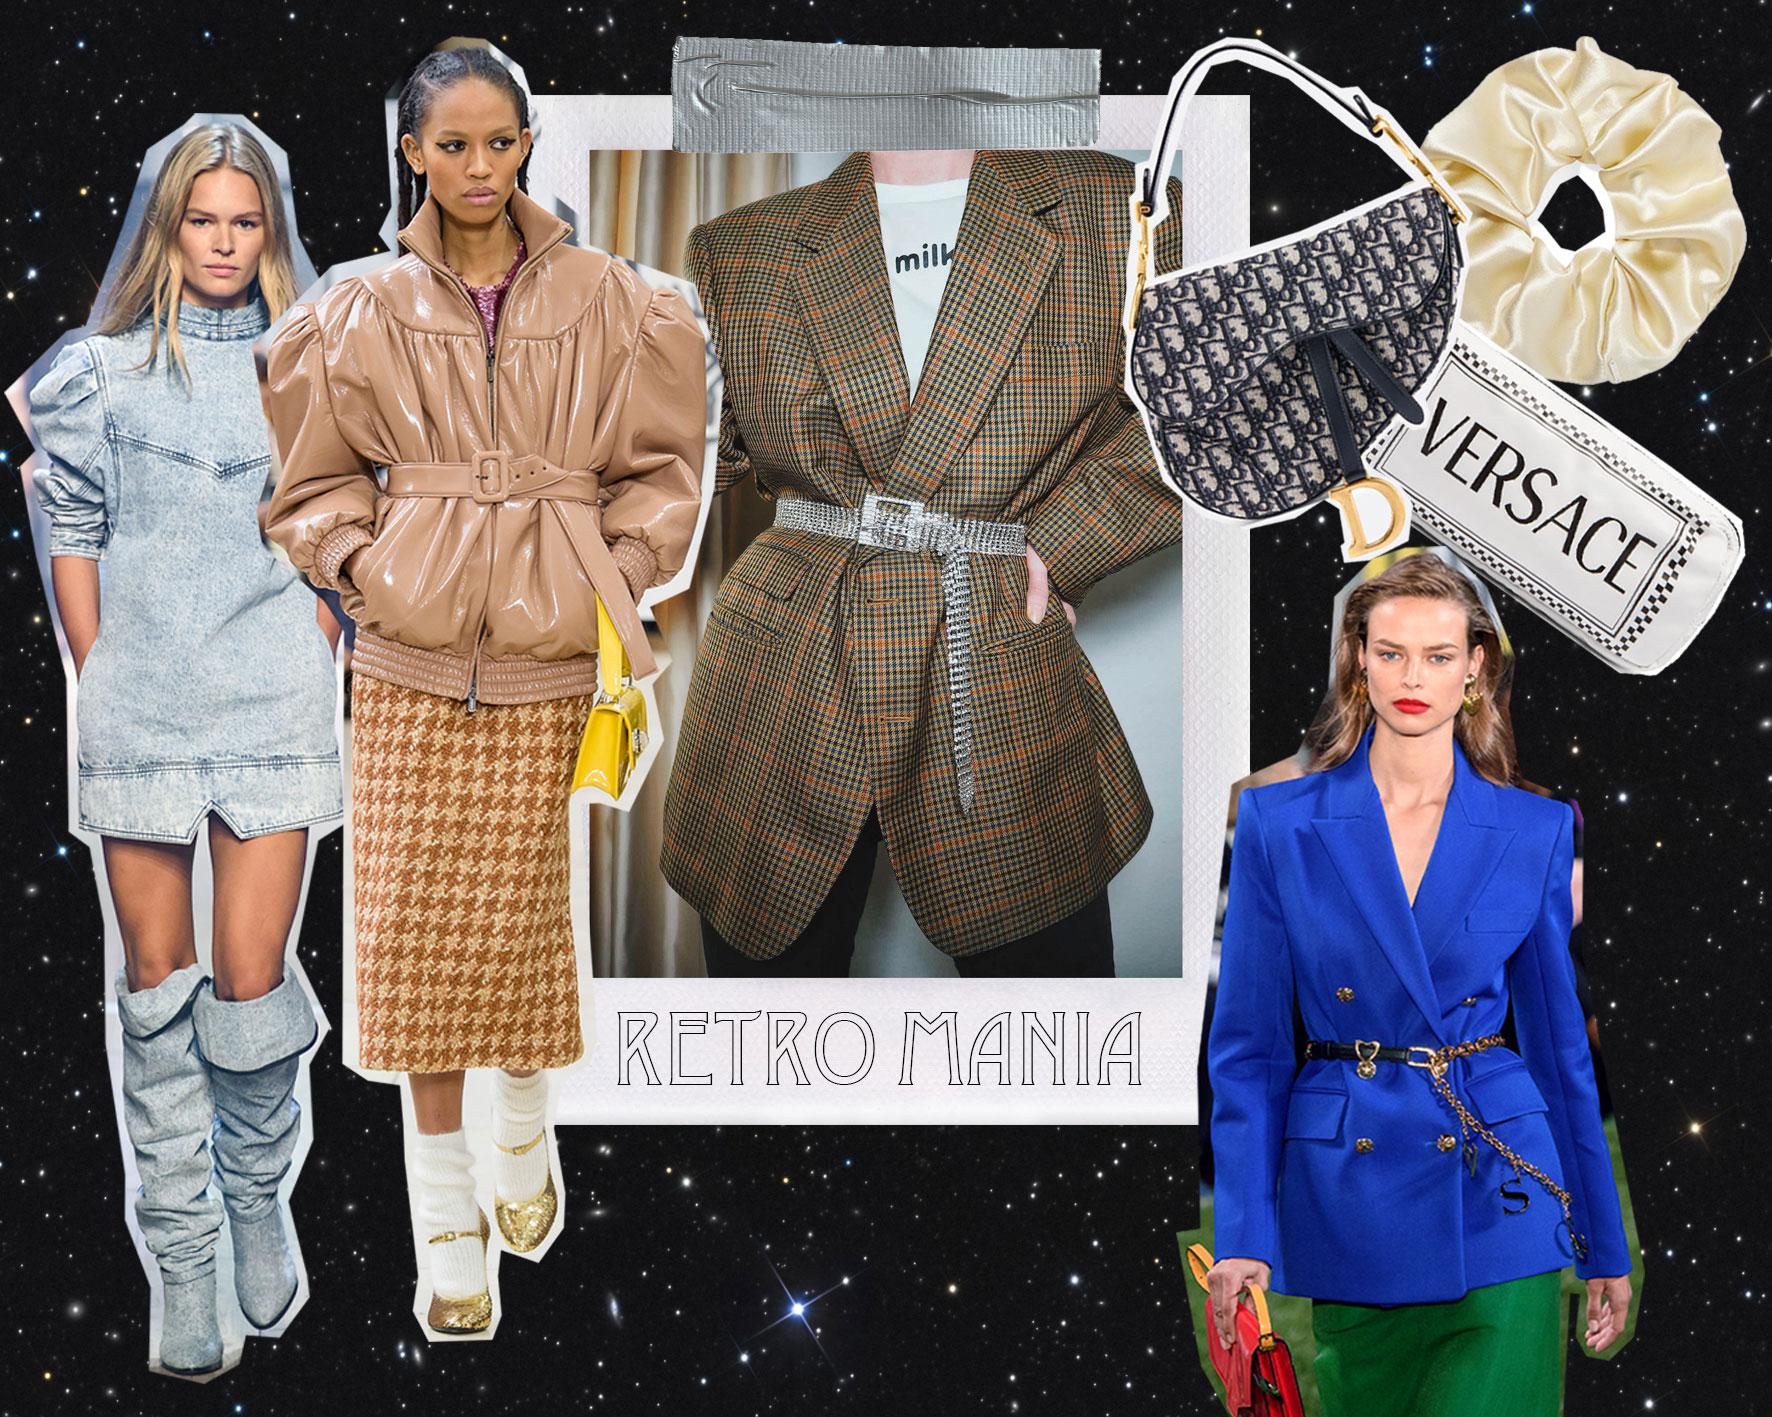 Trend: Retro Mania 2019